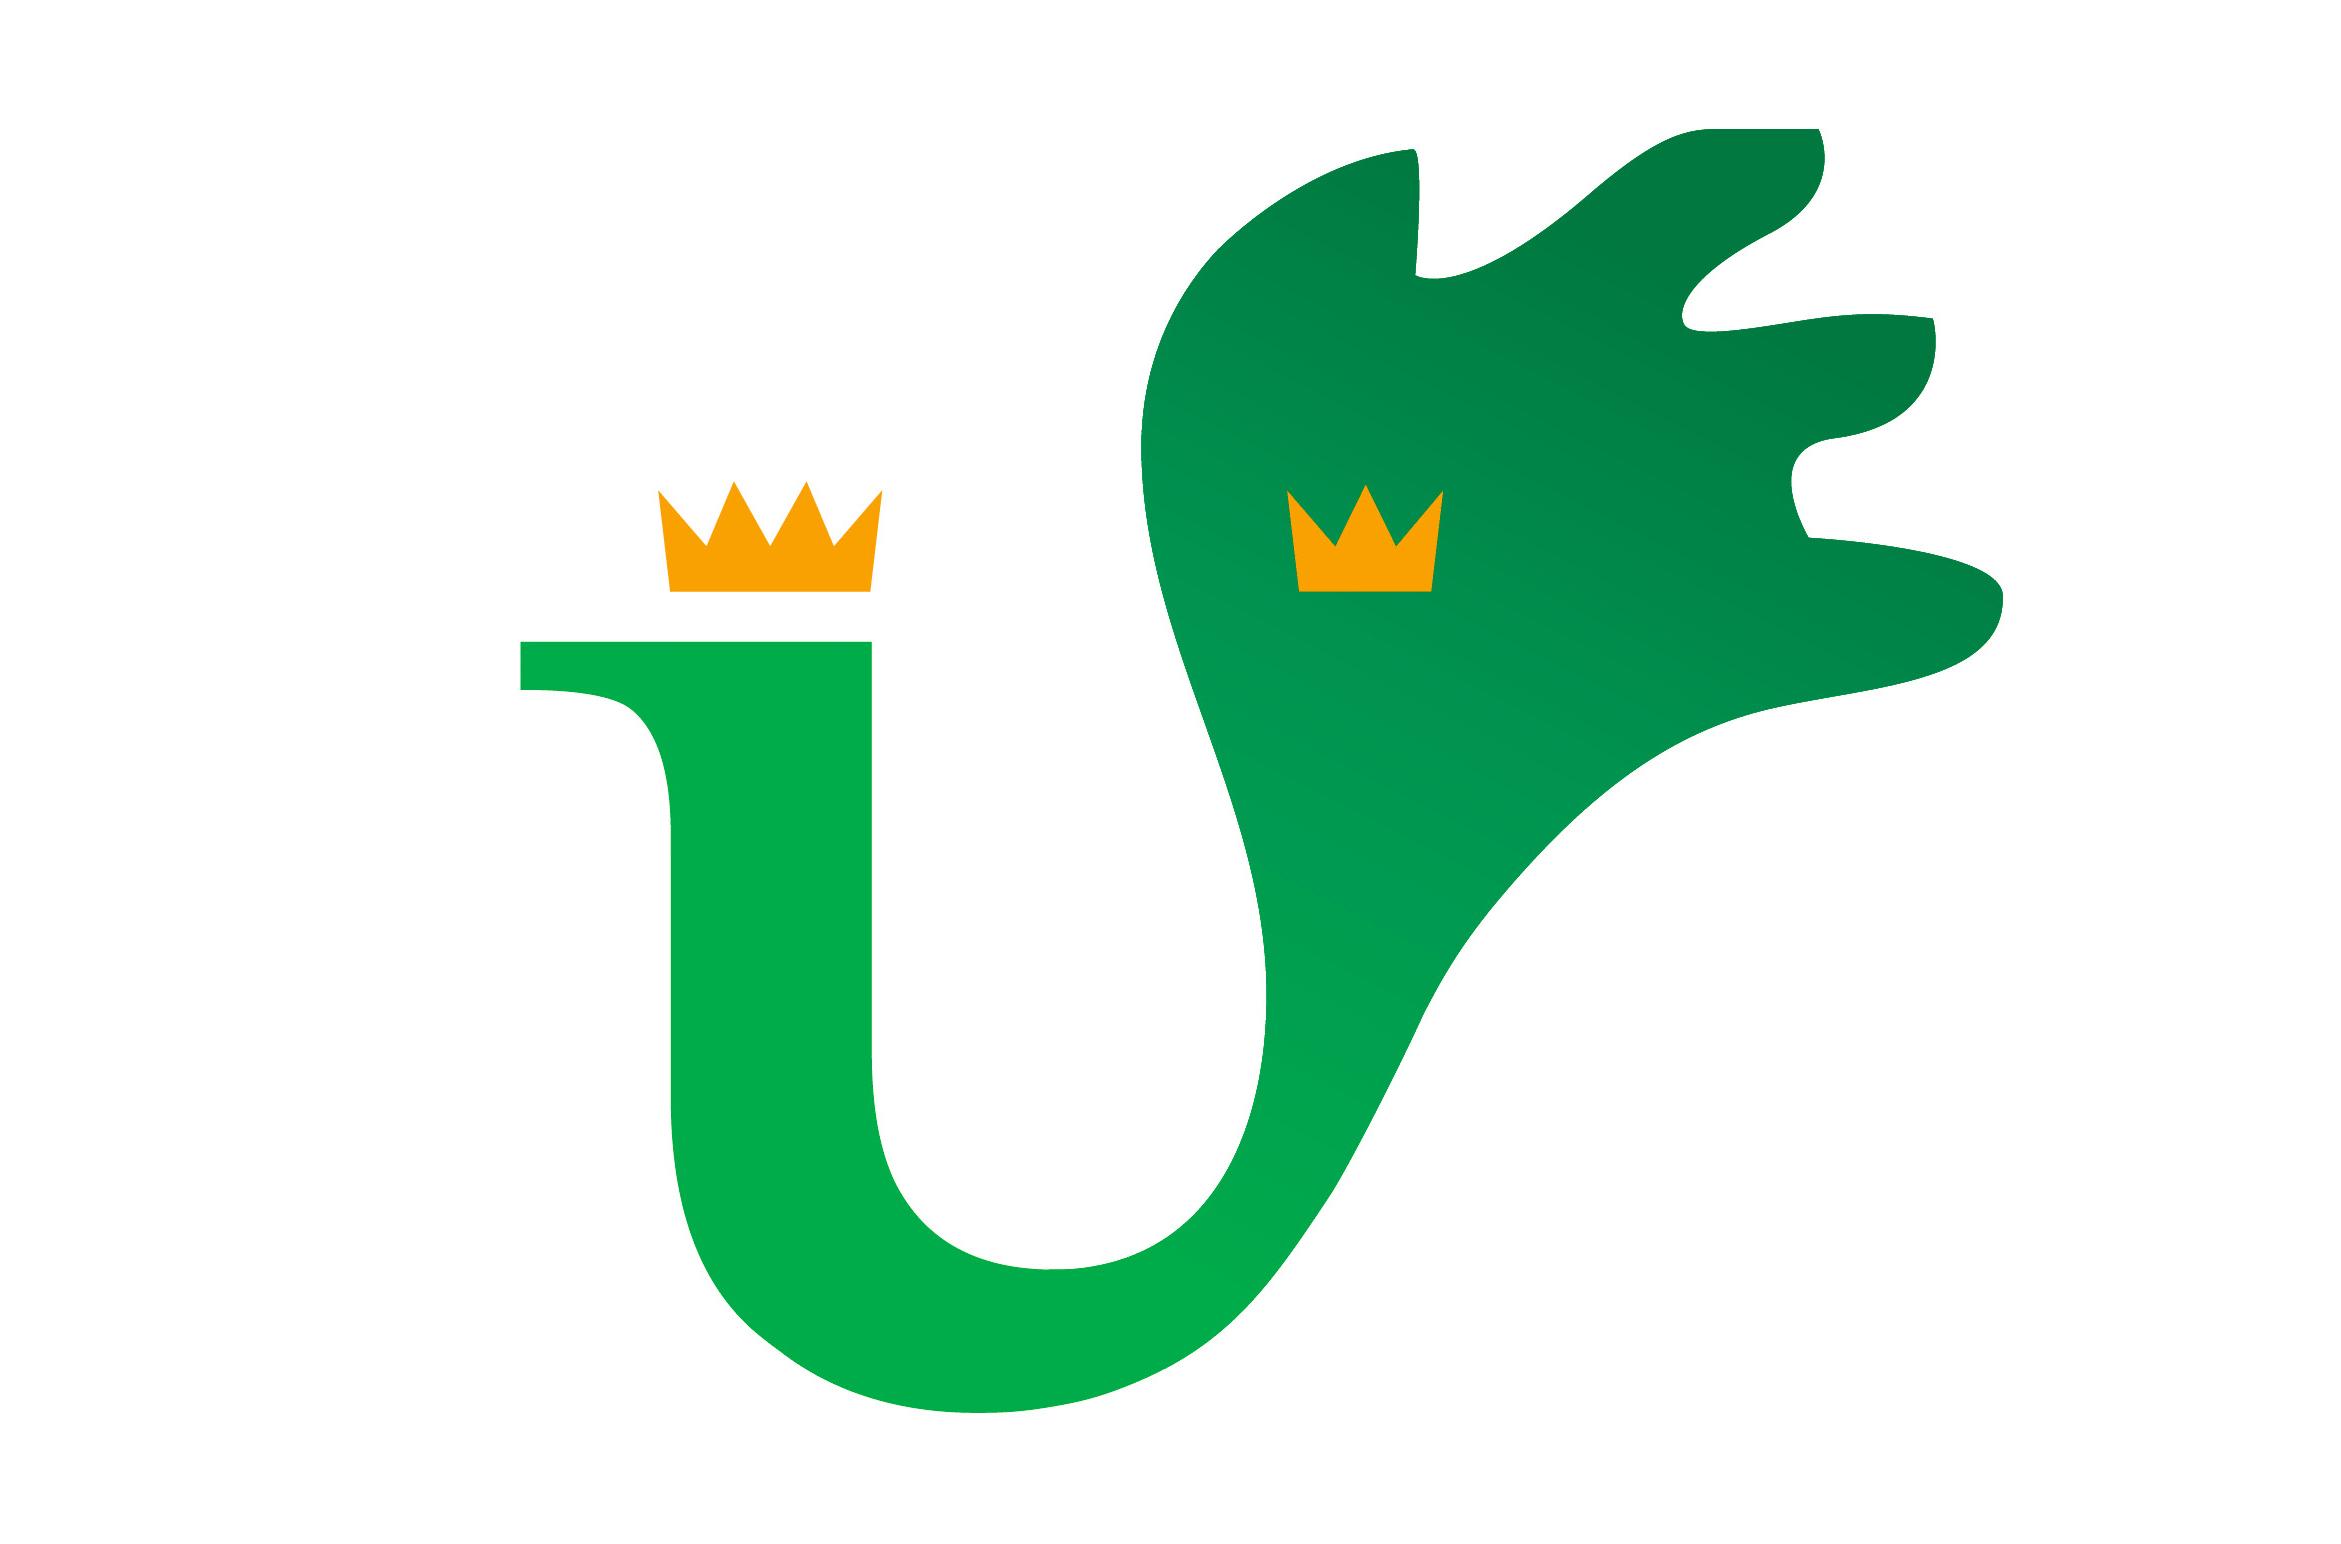 Grünes-U